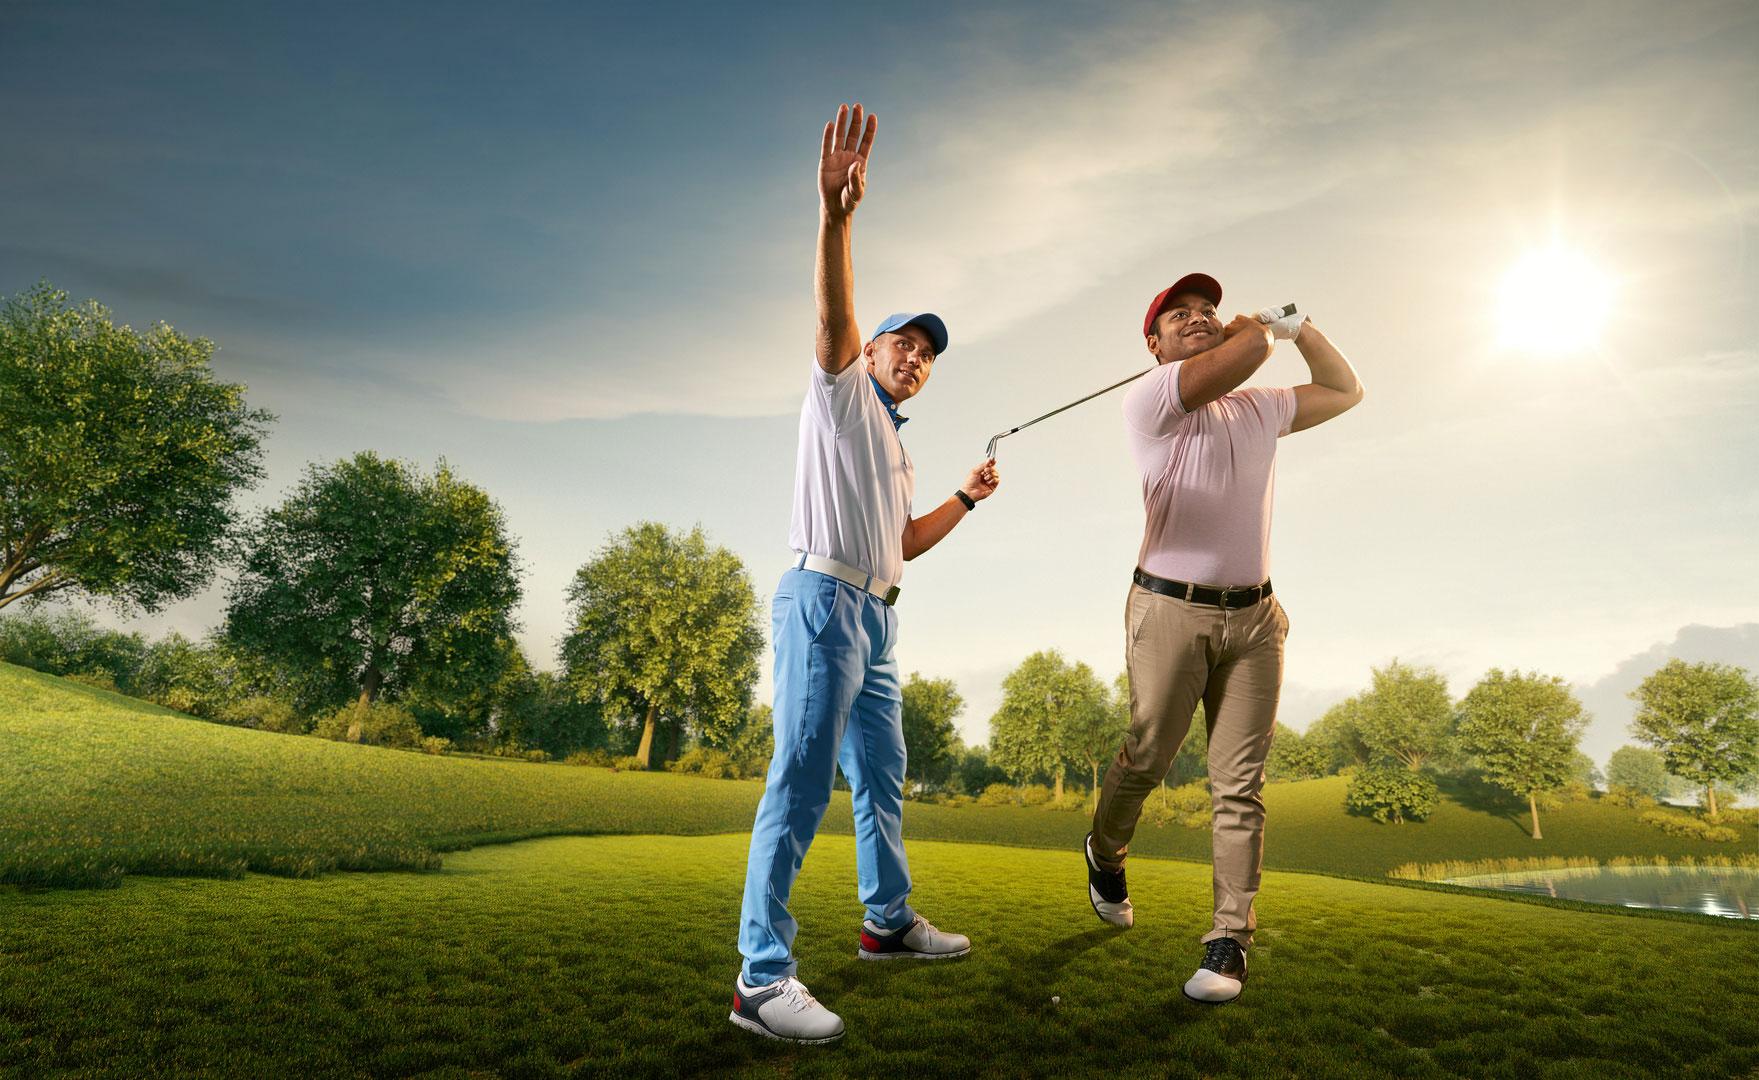 Joueur de golf aidant un autre joueur